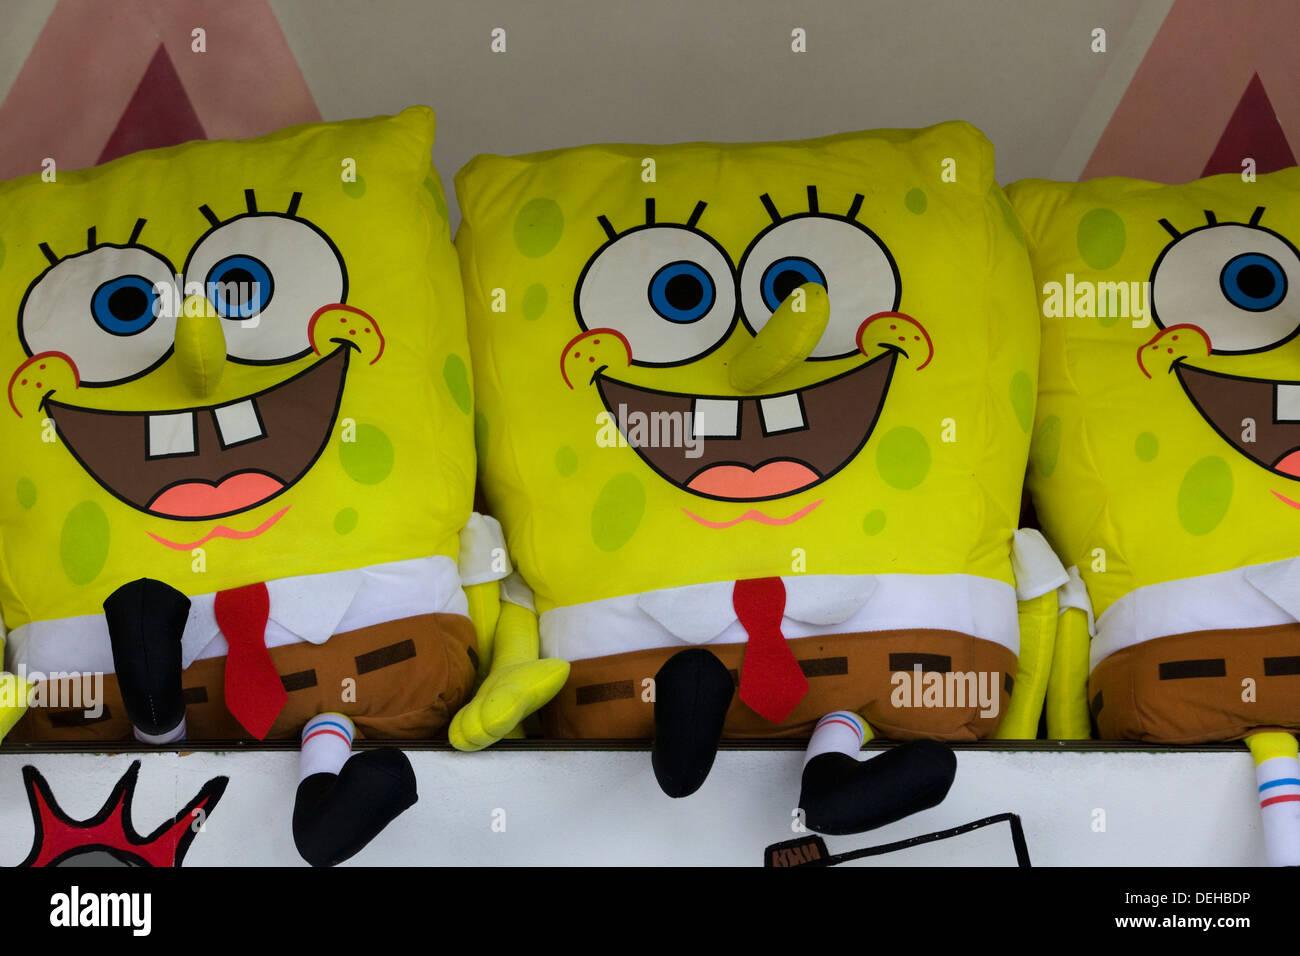 sponge bob square pants stock photos sponge bob square pants stock